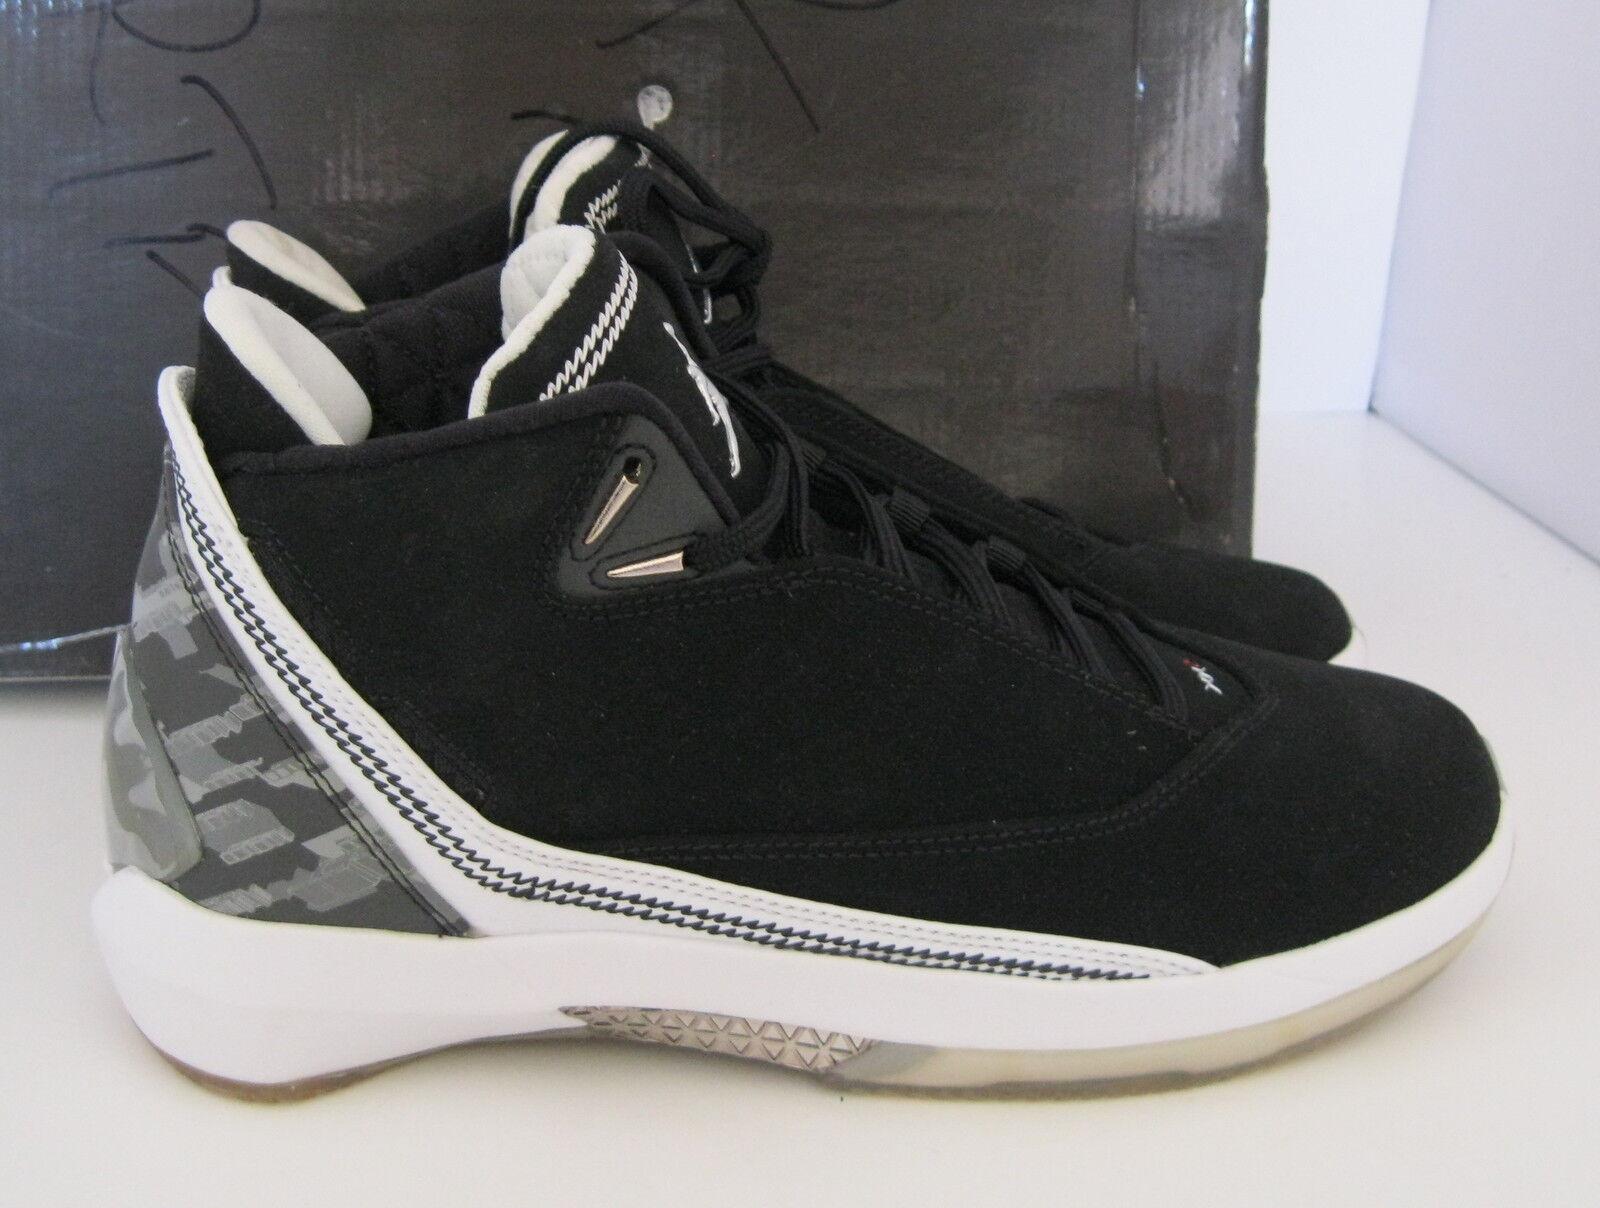 Nike Air Jordan 22 (Gs) 332556 011 Black White YOUTH Size 6 women 7.5